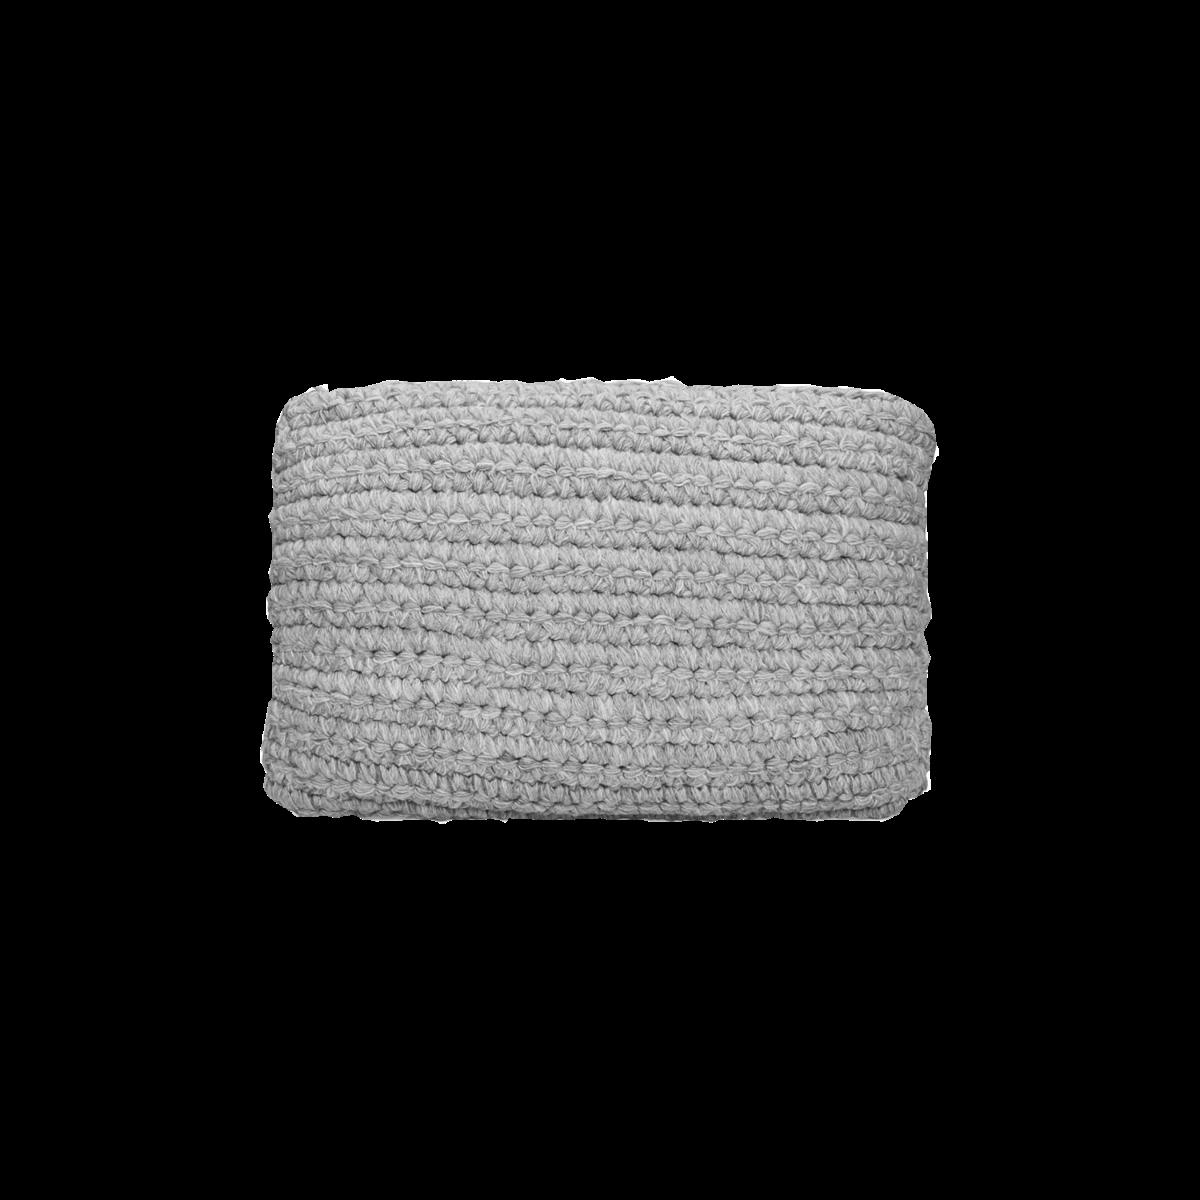 Cushion_SUNS-Cosa-mixed-mid-grey-S_2500